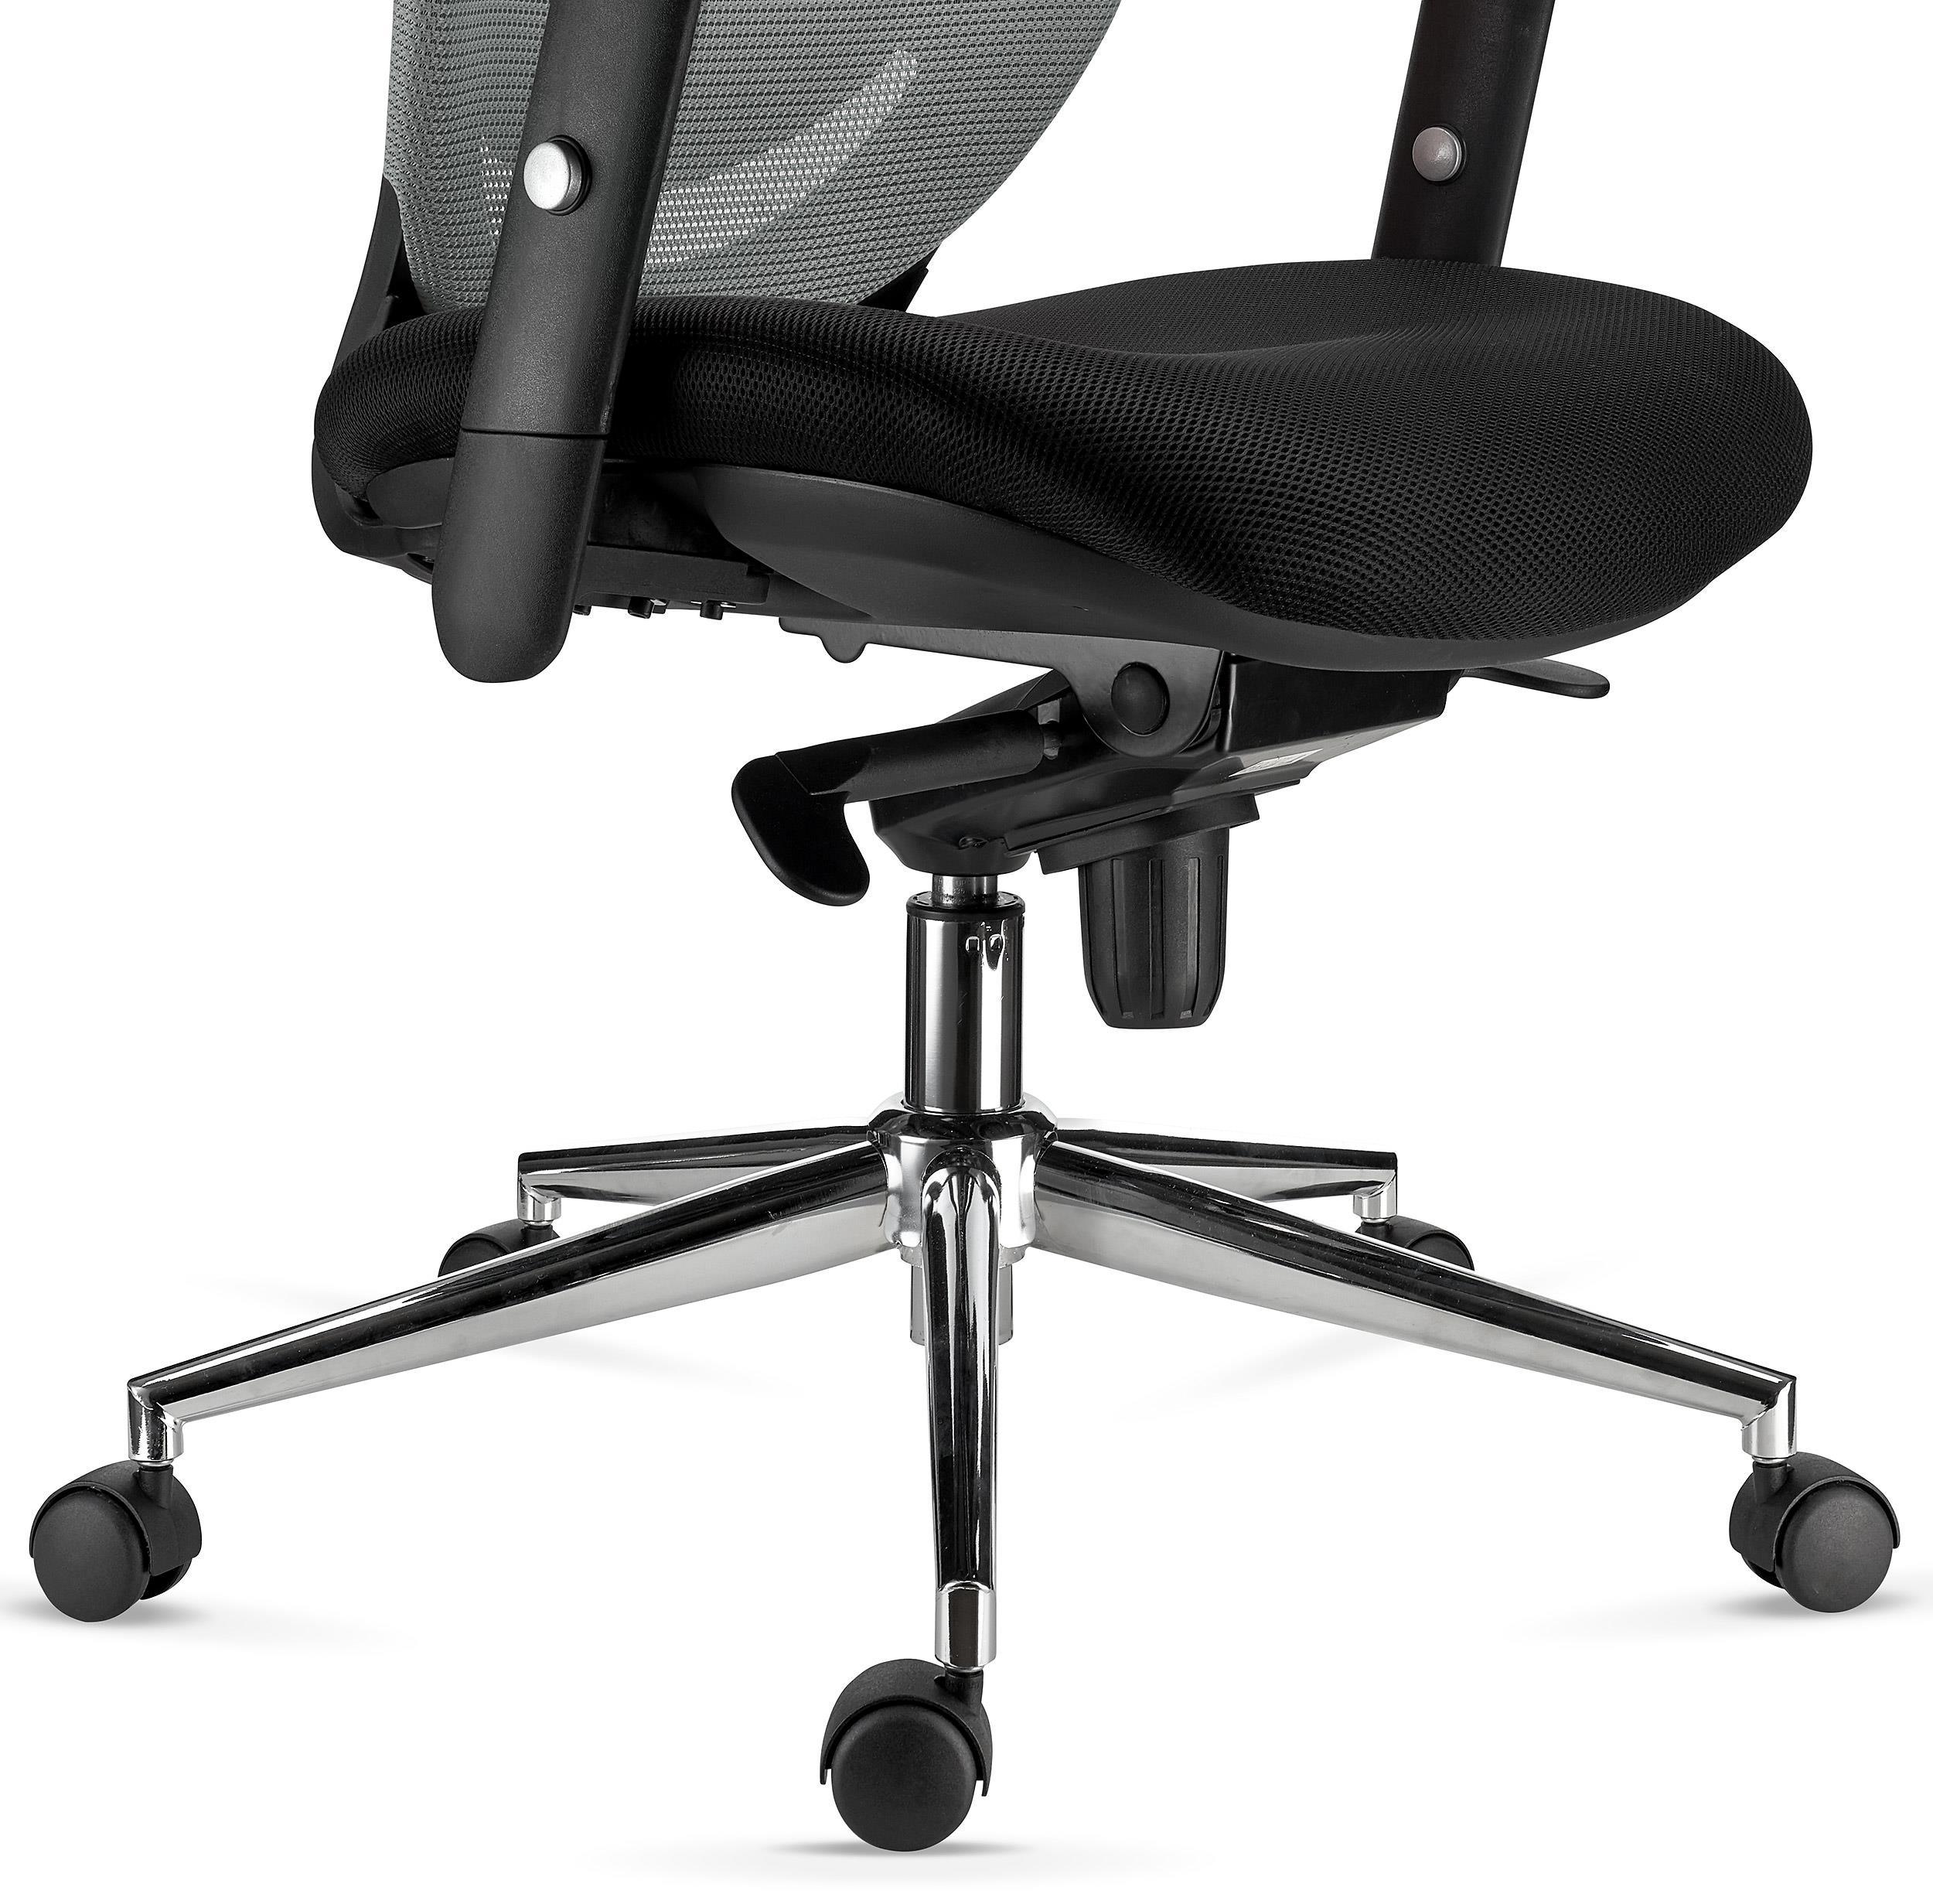 Silla de oficina ergonomica lambo malla traspirable y for Soporte lumbar silla oficina